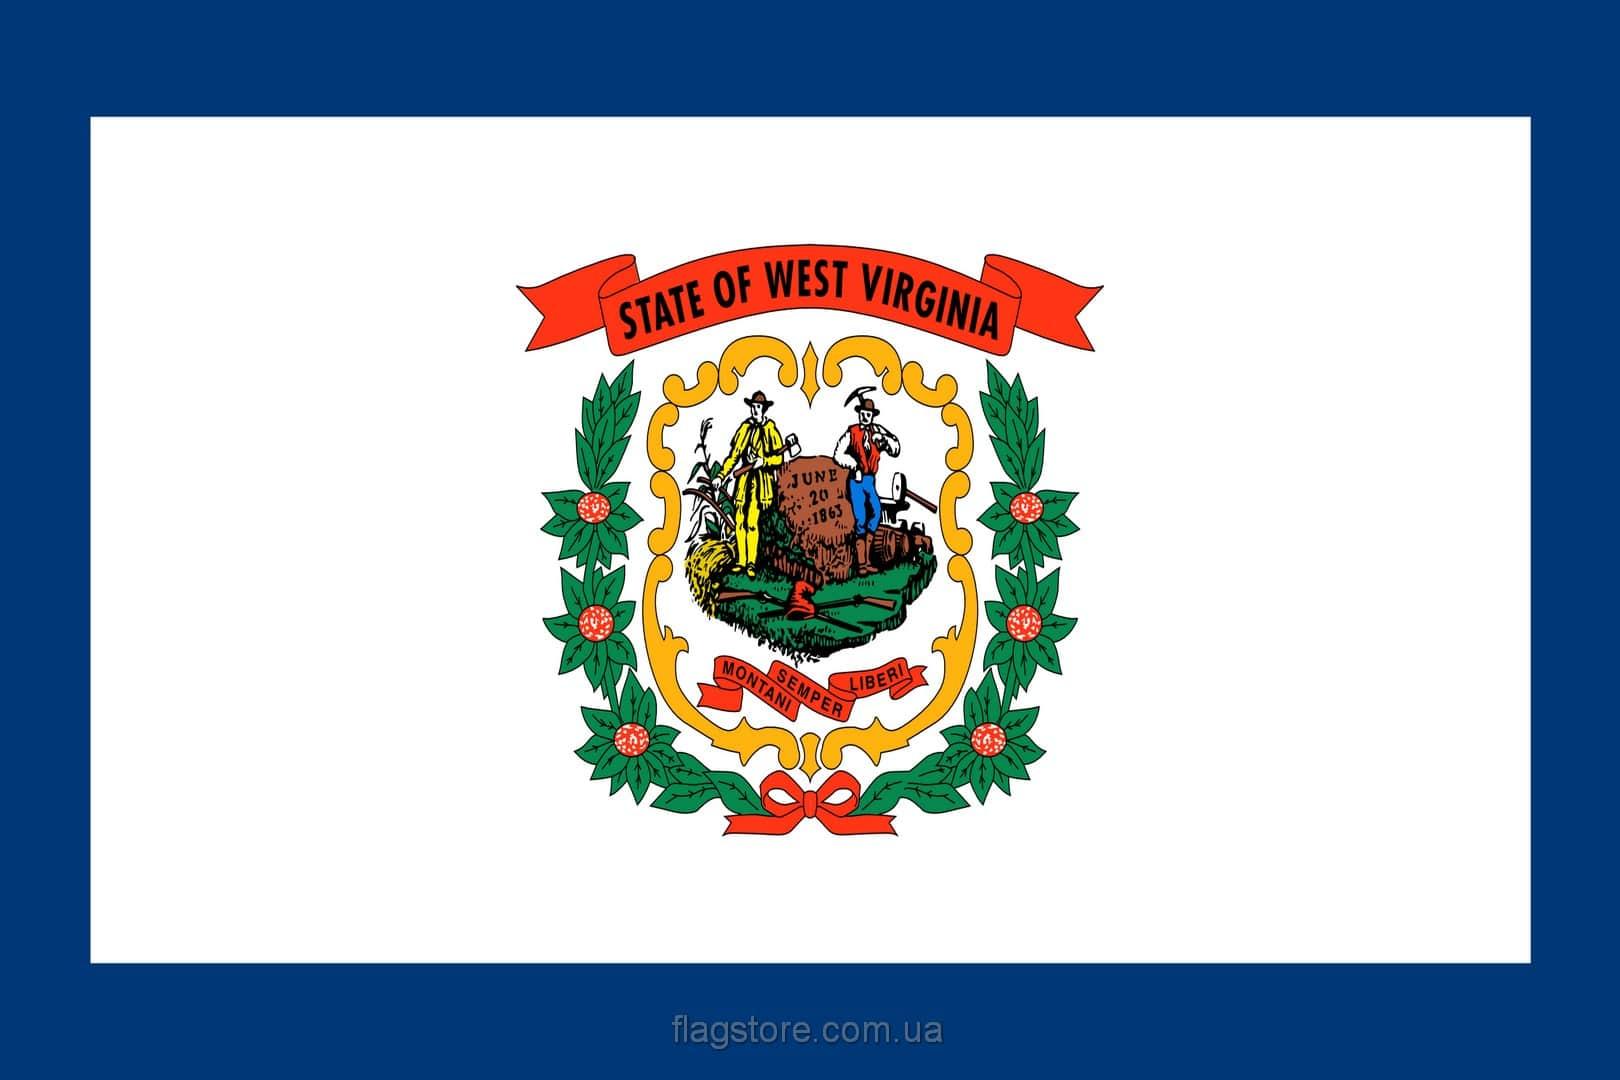 Купить флаг Западной Виргинии (штата Западная Виргиния)